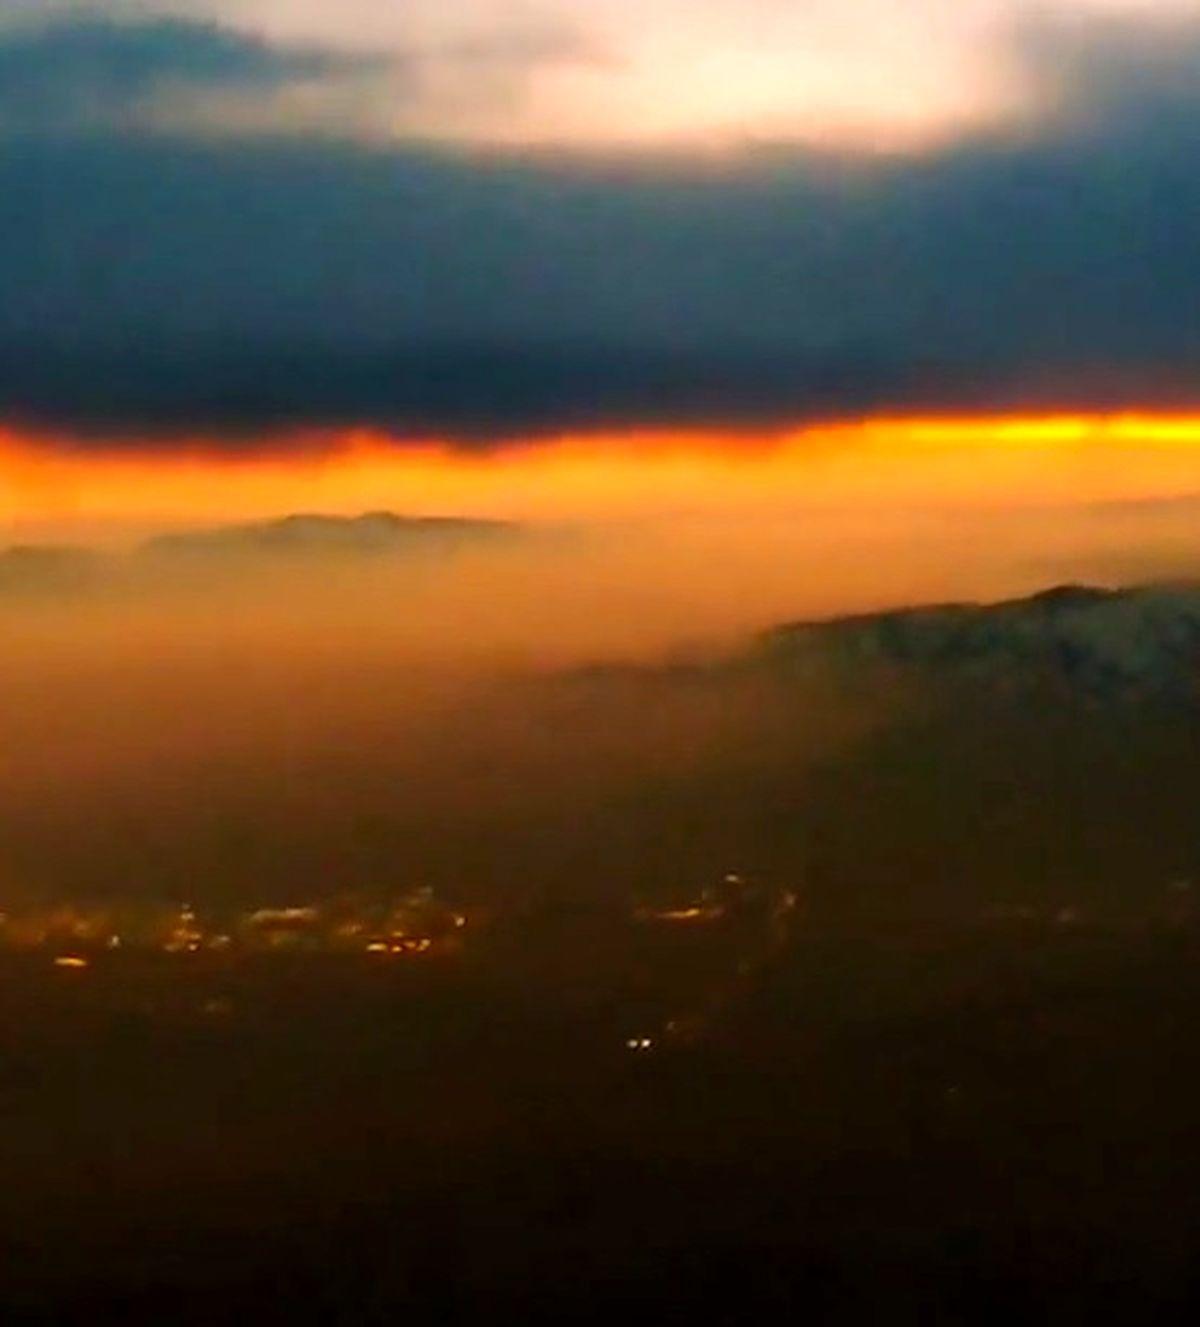 تصاویر آخر الزمانی از آلودگی هوای تهران + عکس و فیلم